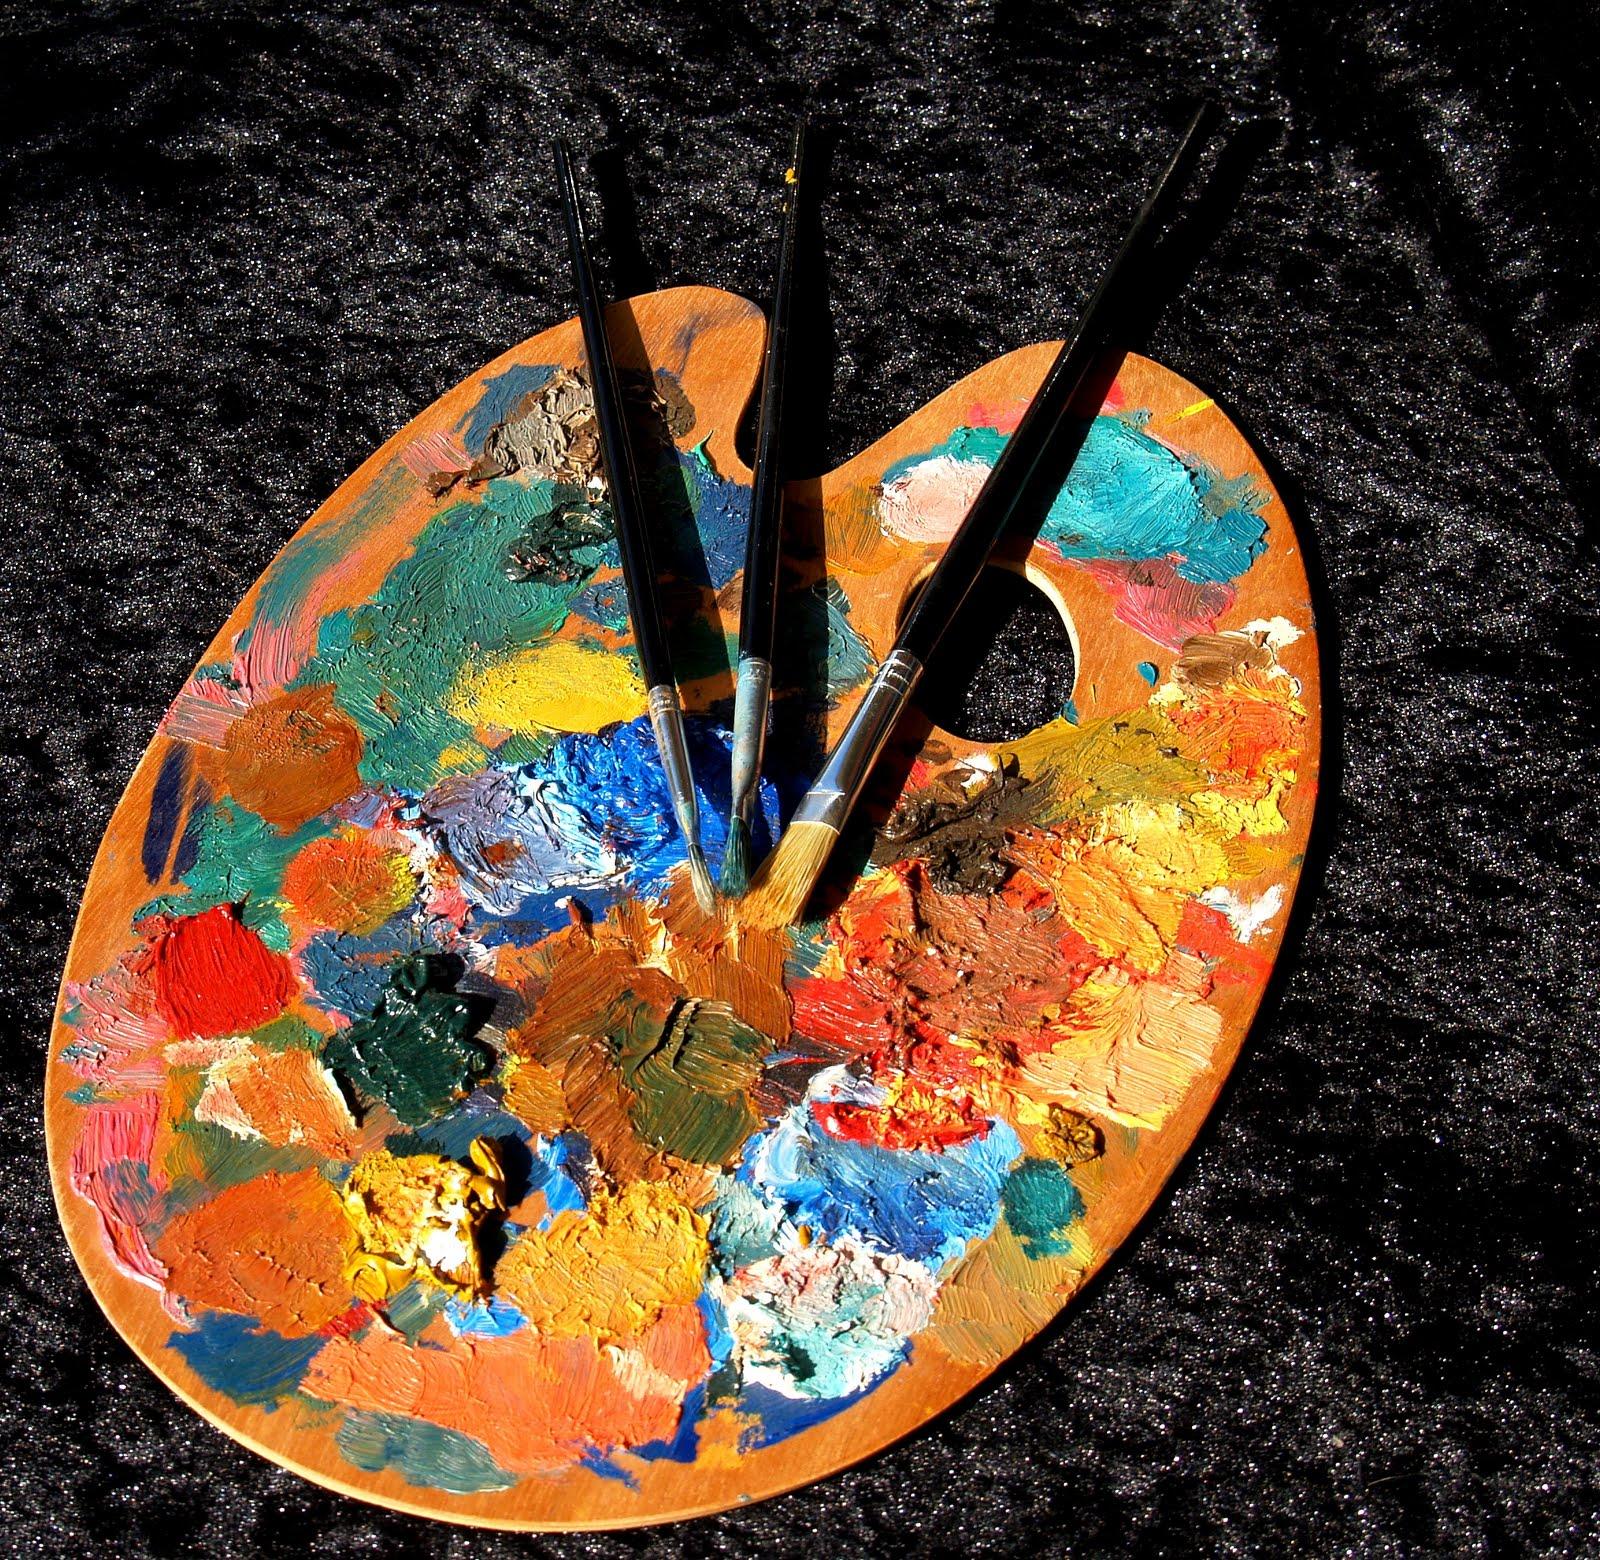 H art colores en la paleta de pintores - Paleta de colores pintura pared ...